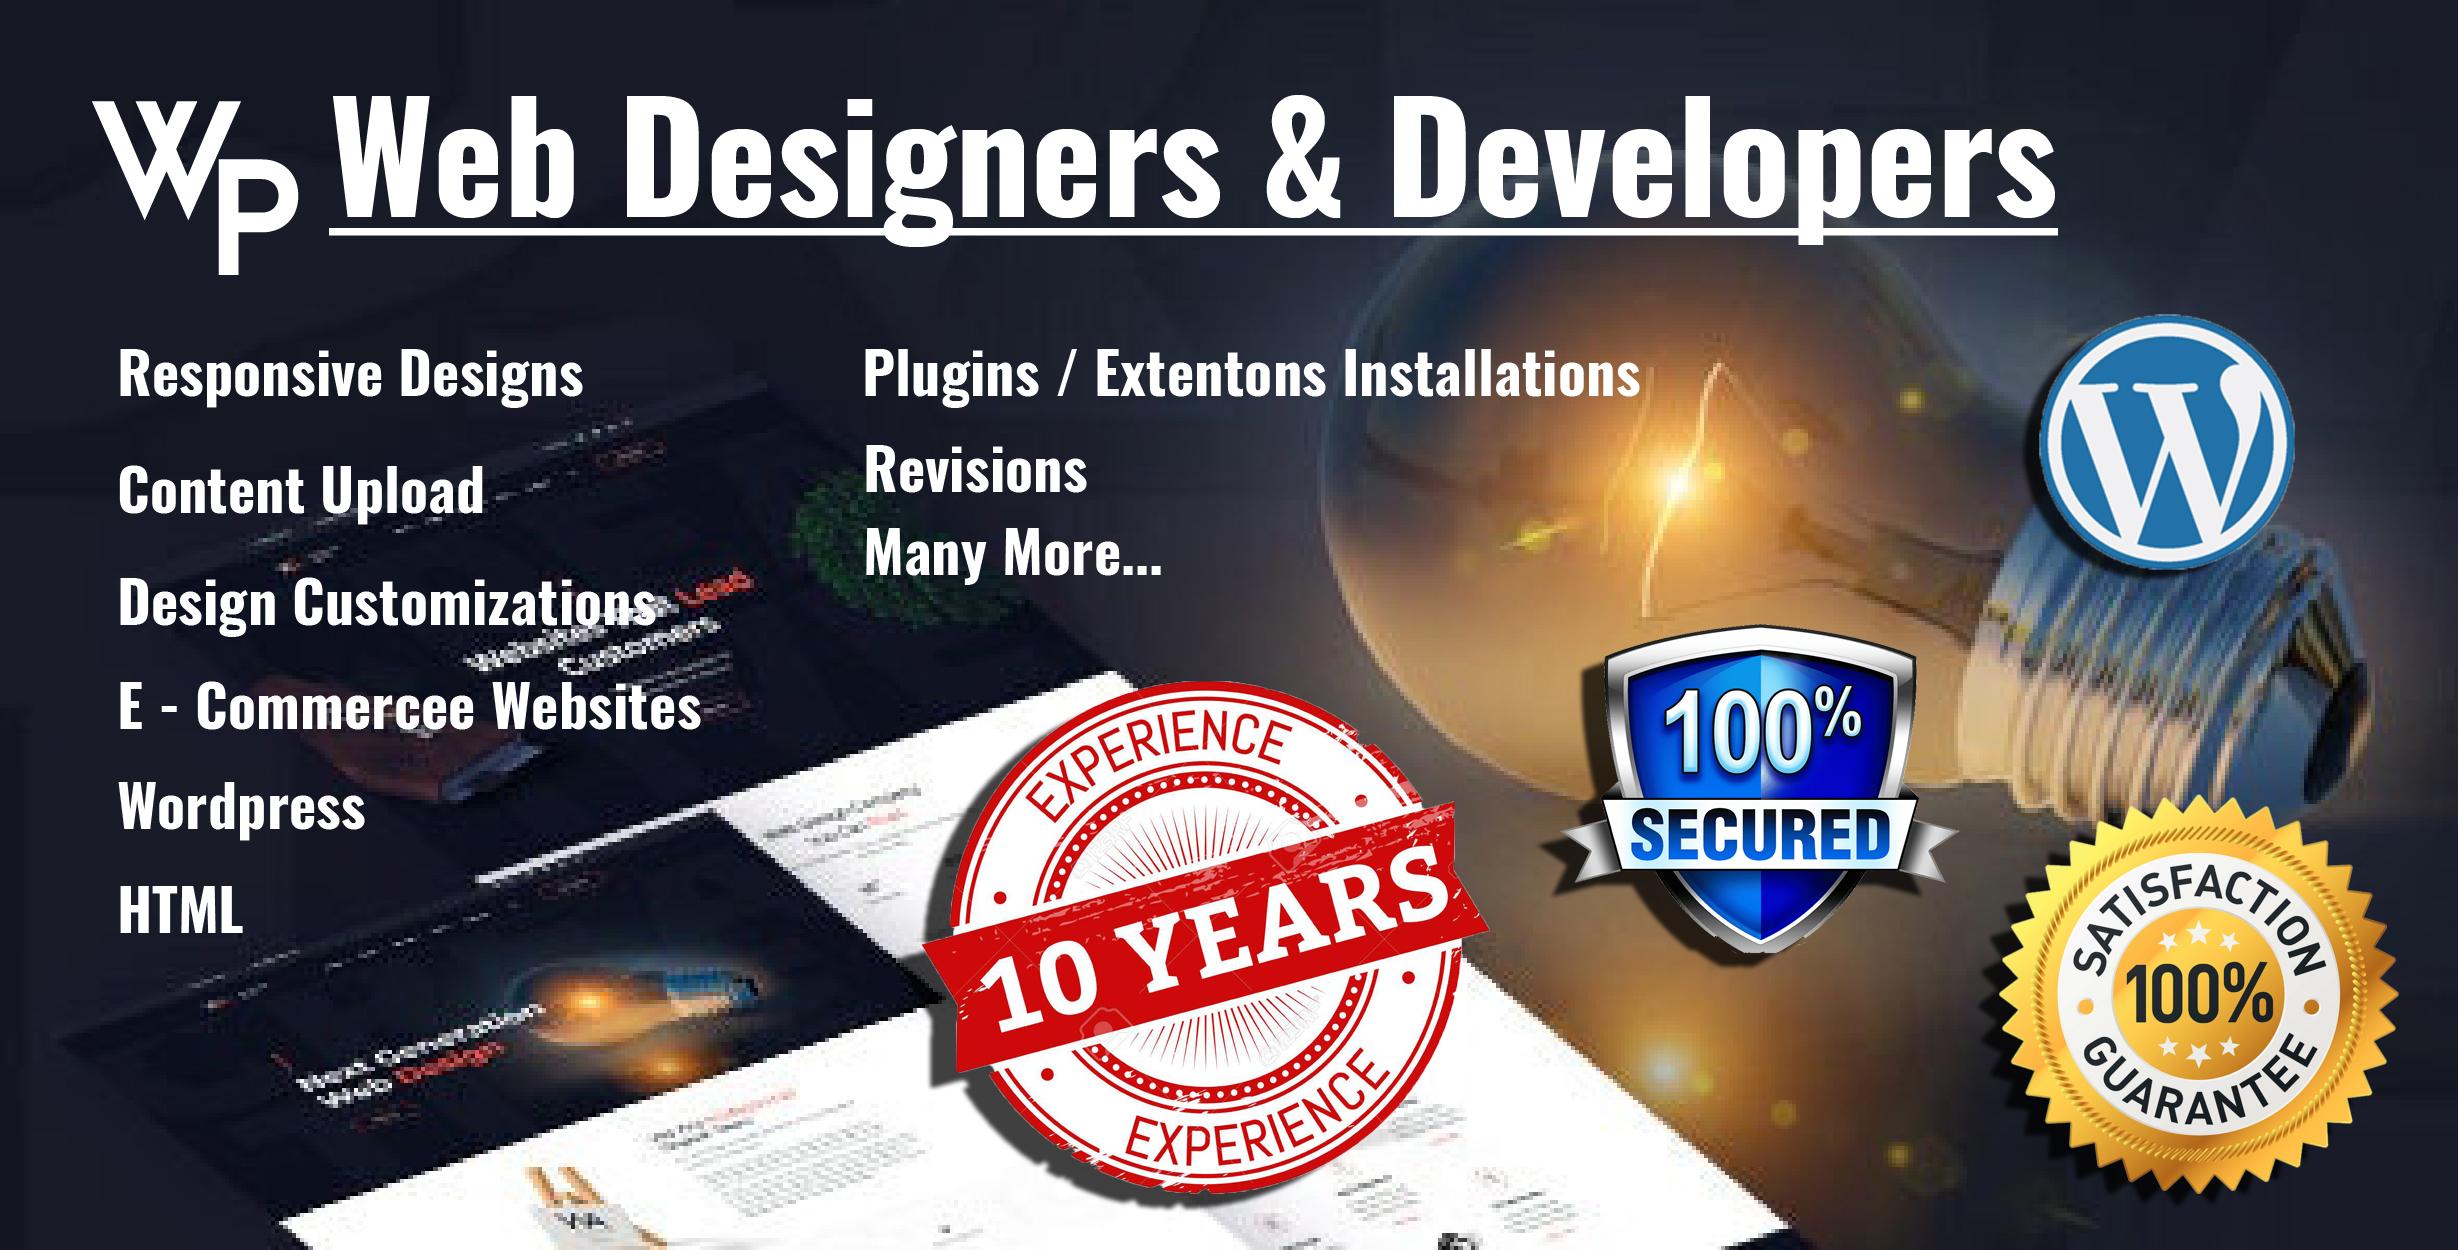 Word press,  Bogger Web Developer And Website Designer